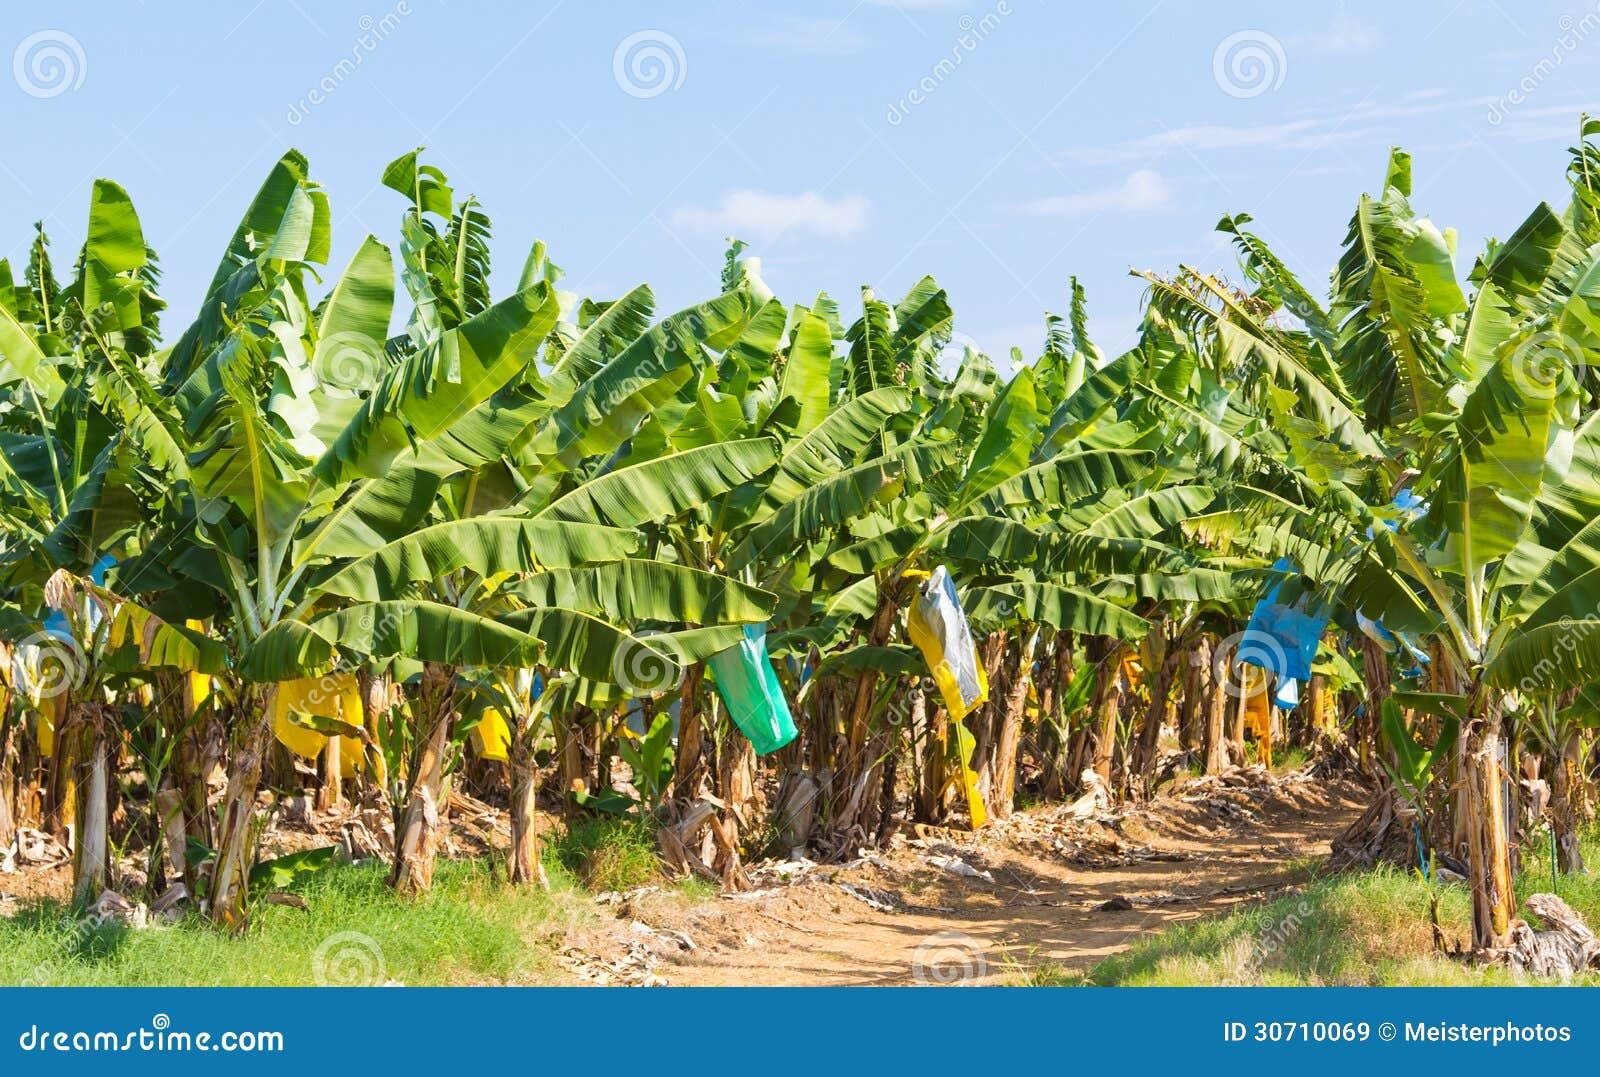 australie de plantation de banane image stock image du fruiting north 30710069. Black Bedroom Furniture Sets. Home Design Ideas